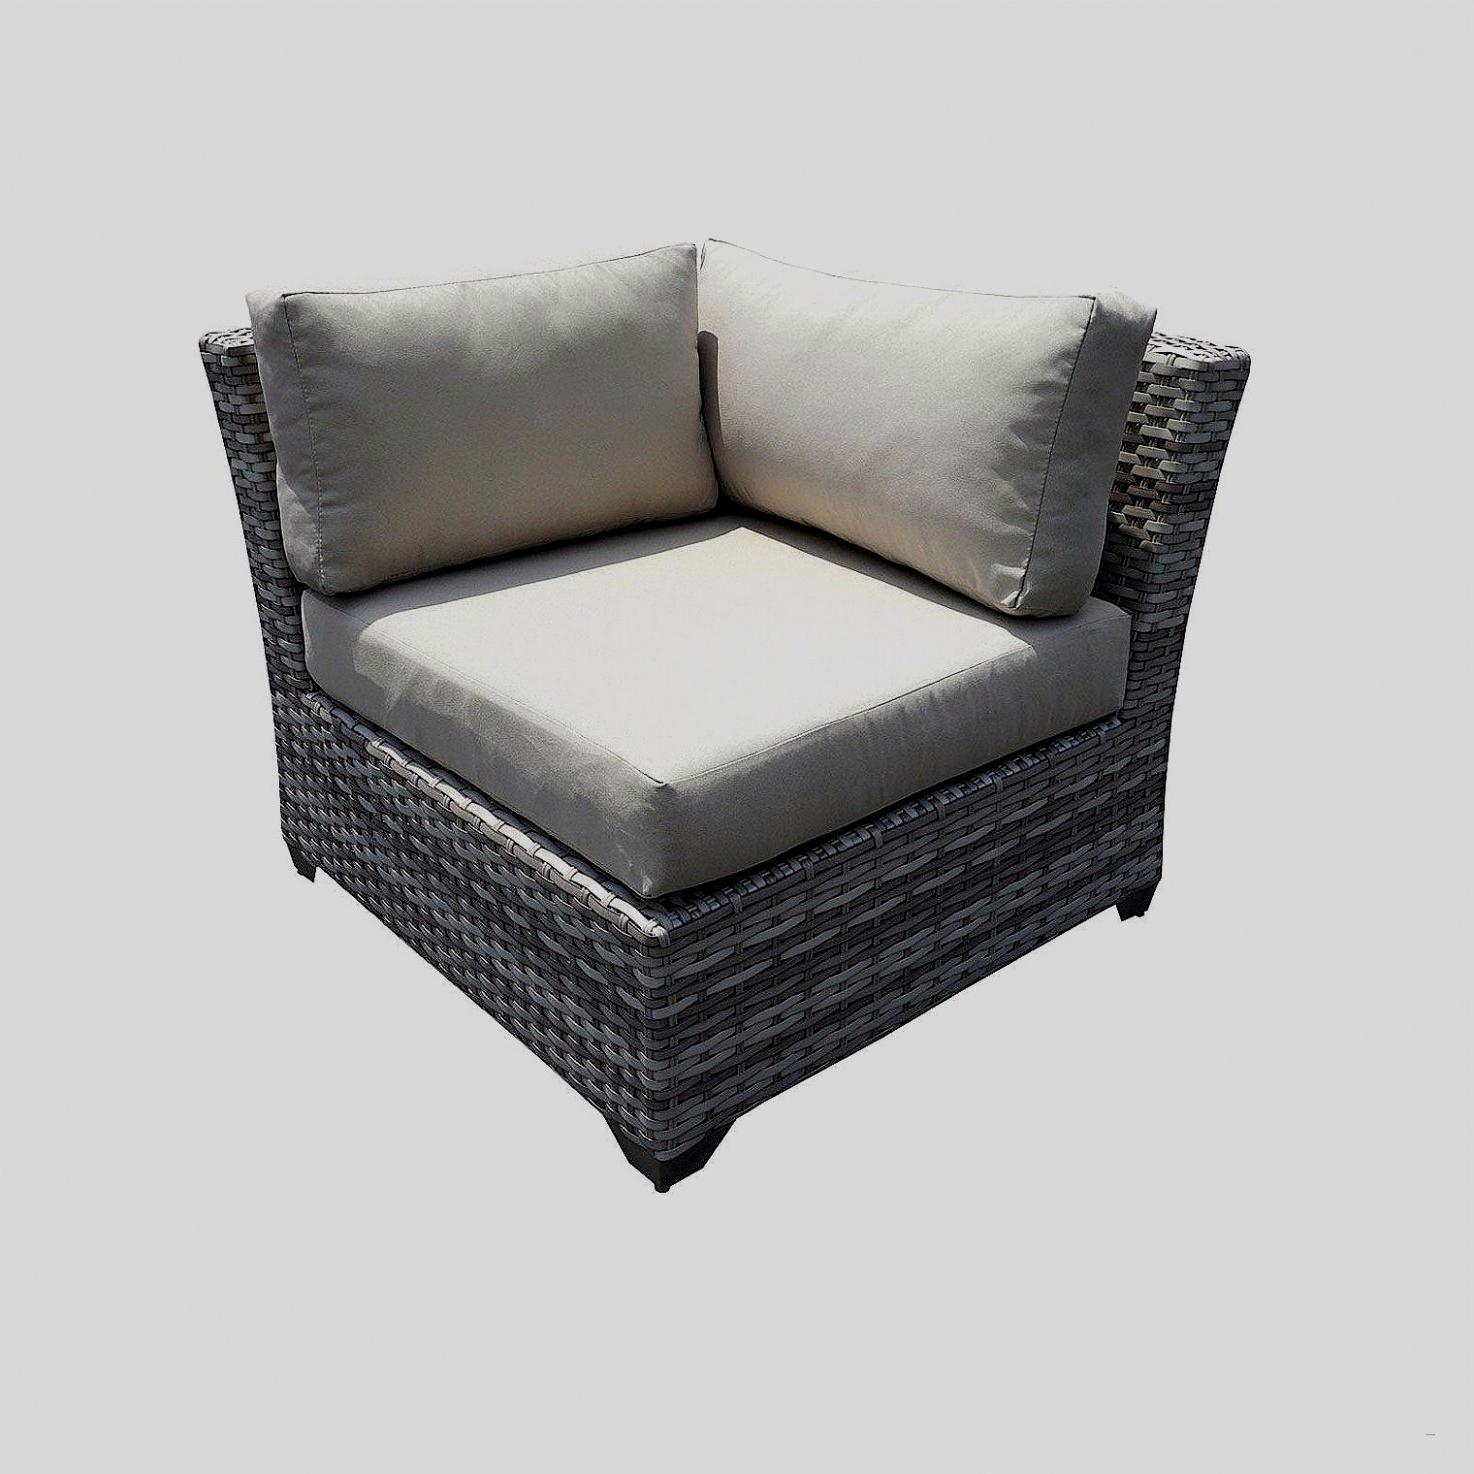 Sofa Curvo 8ydm sofa Curvo Hermoso sofa Ohne Armlehne Sinnreich 4 Seater